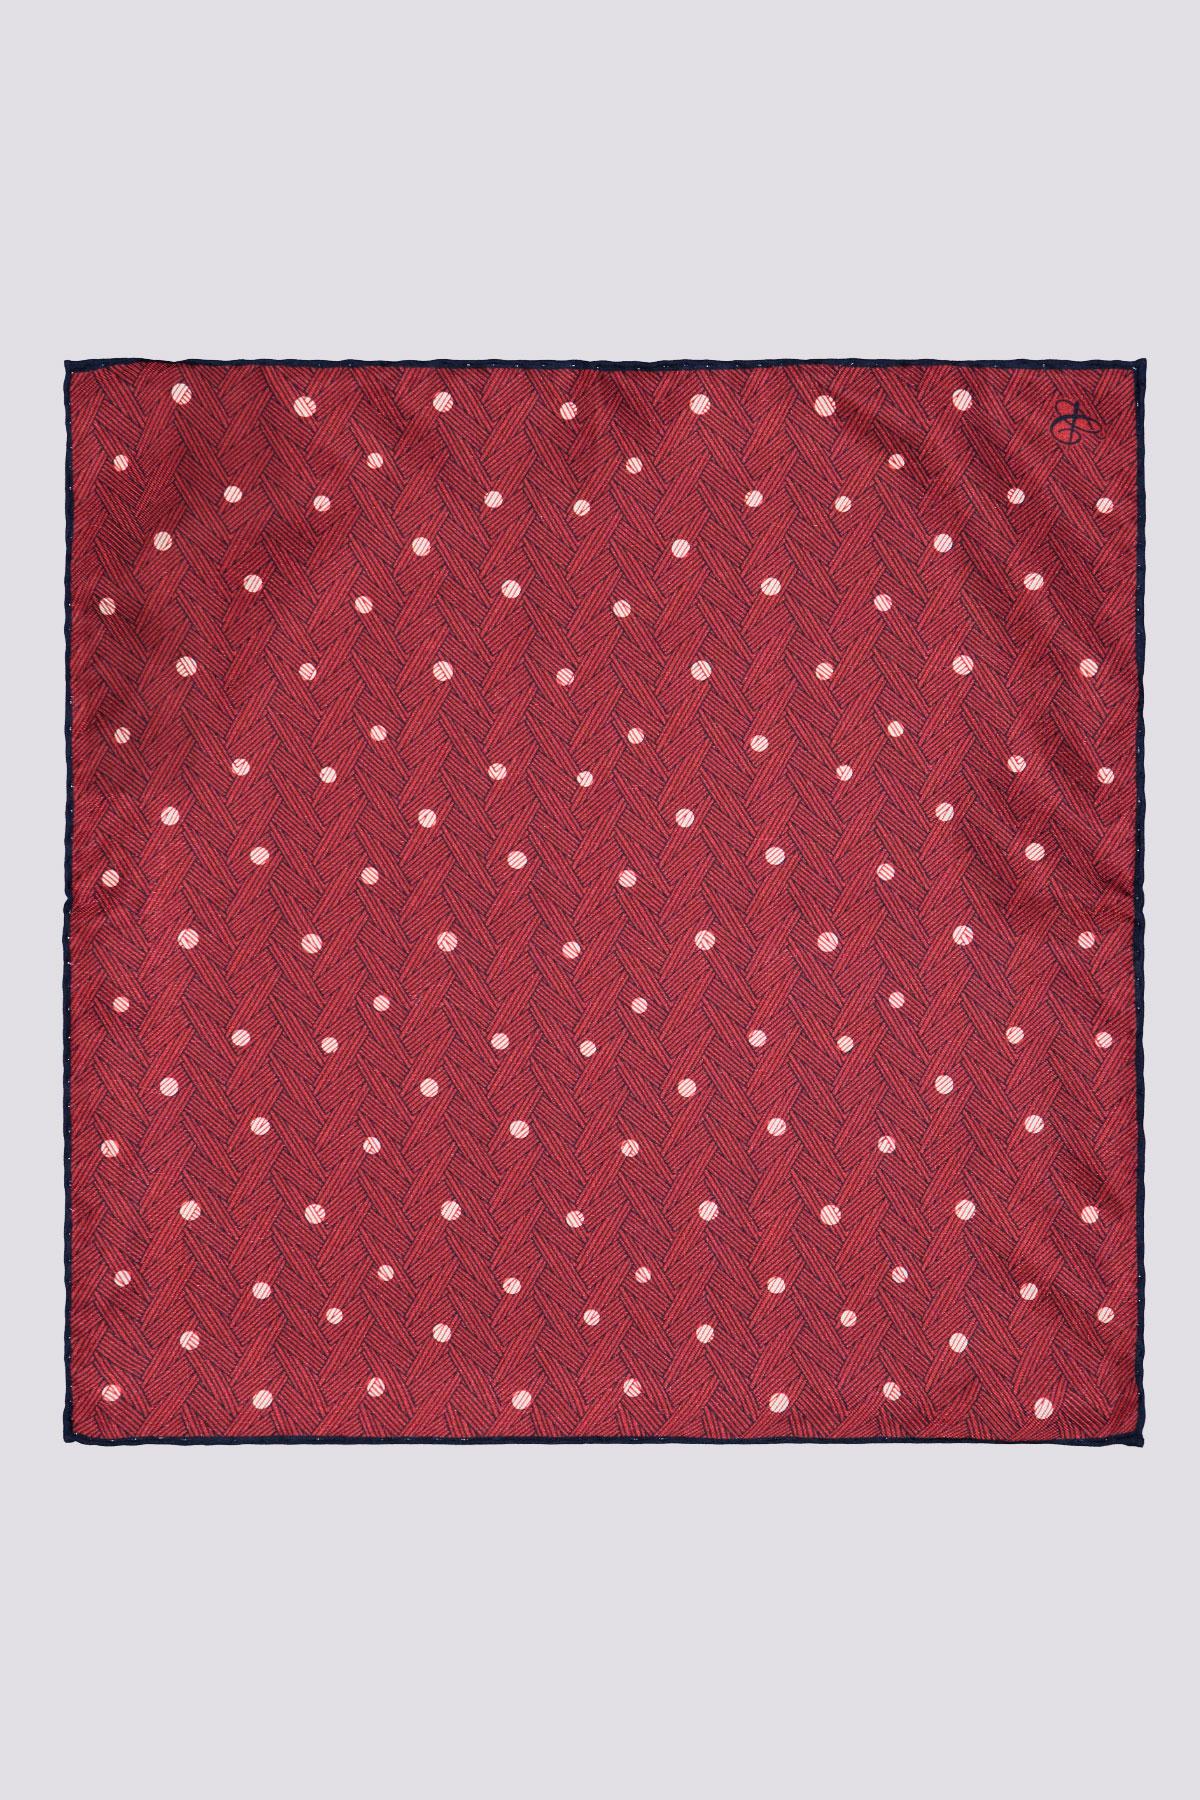 Pañuelo moderno marca CANALI con estampado trenzado color naranja oxido